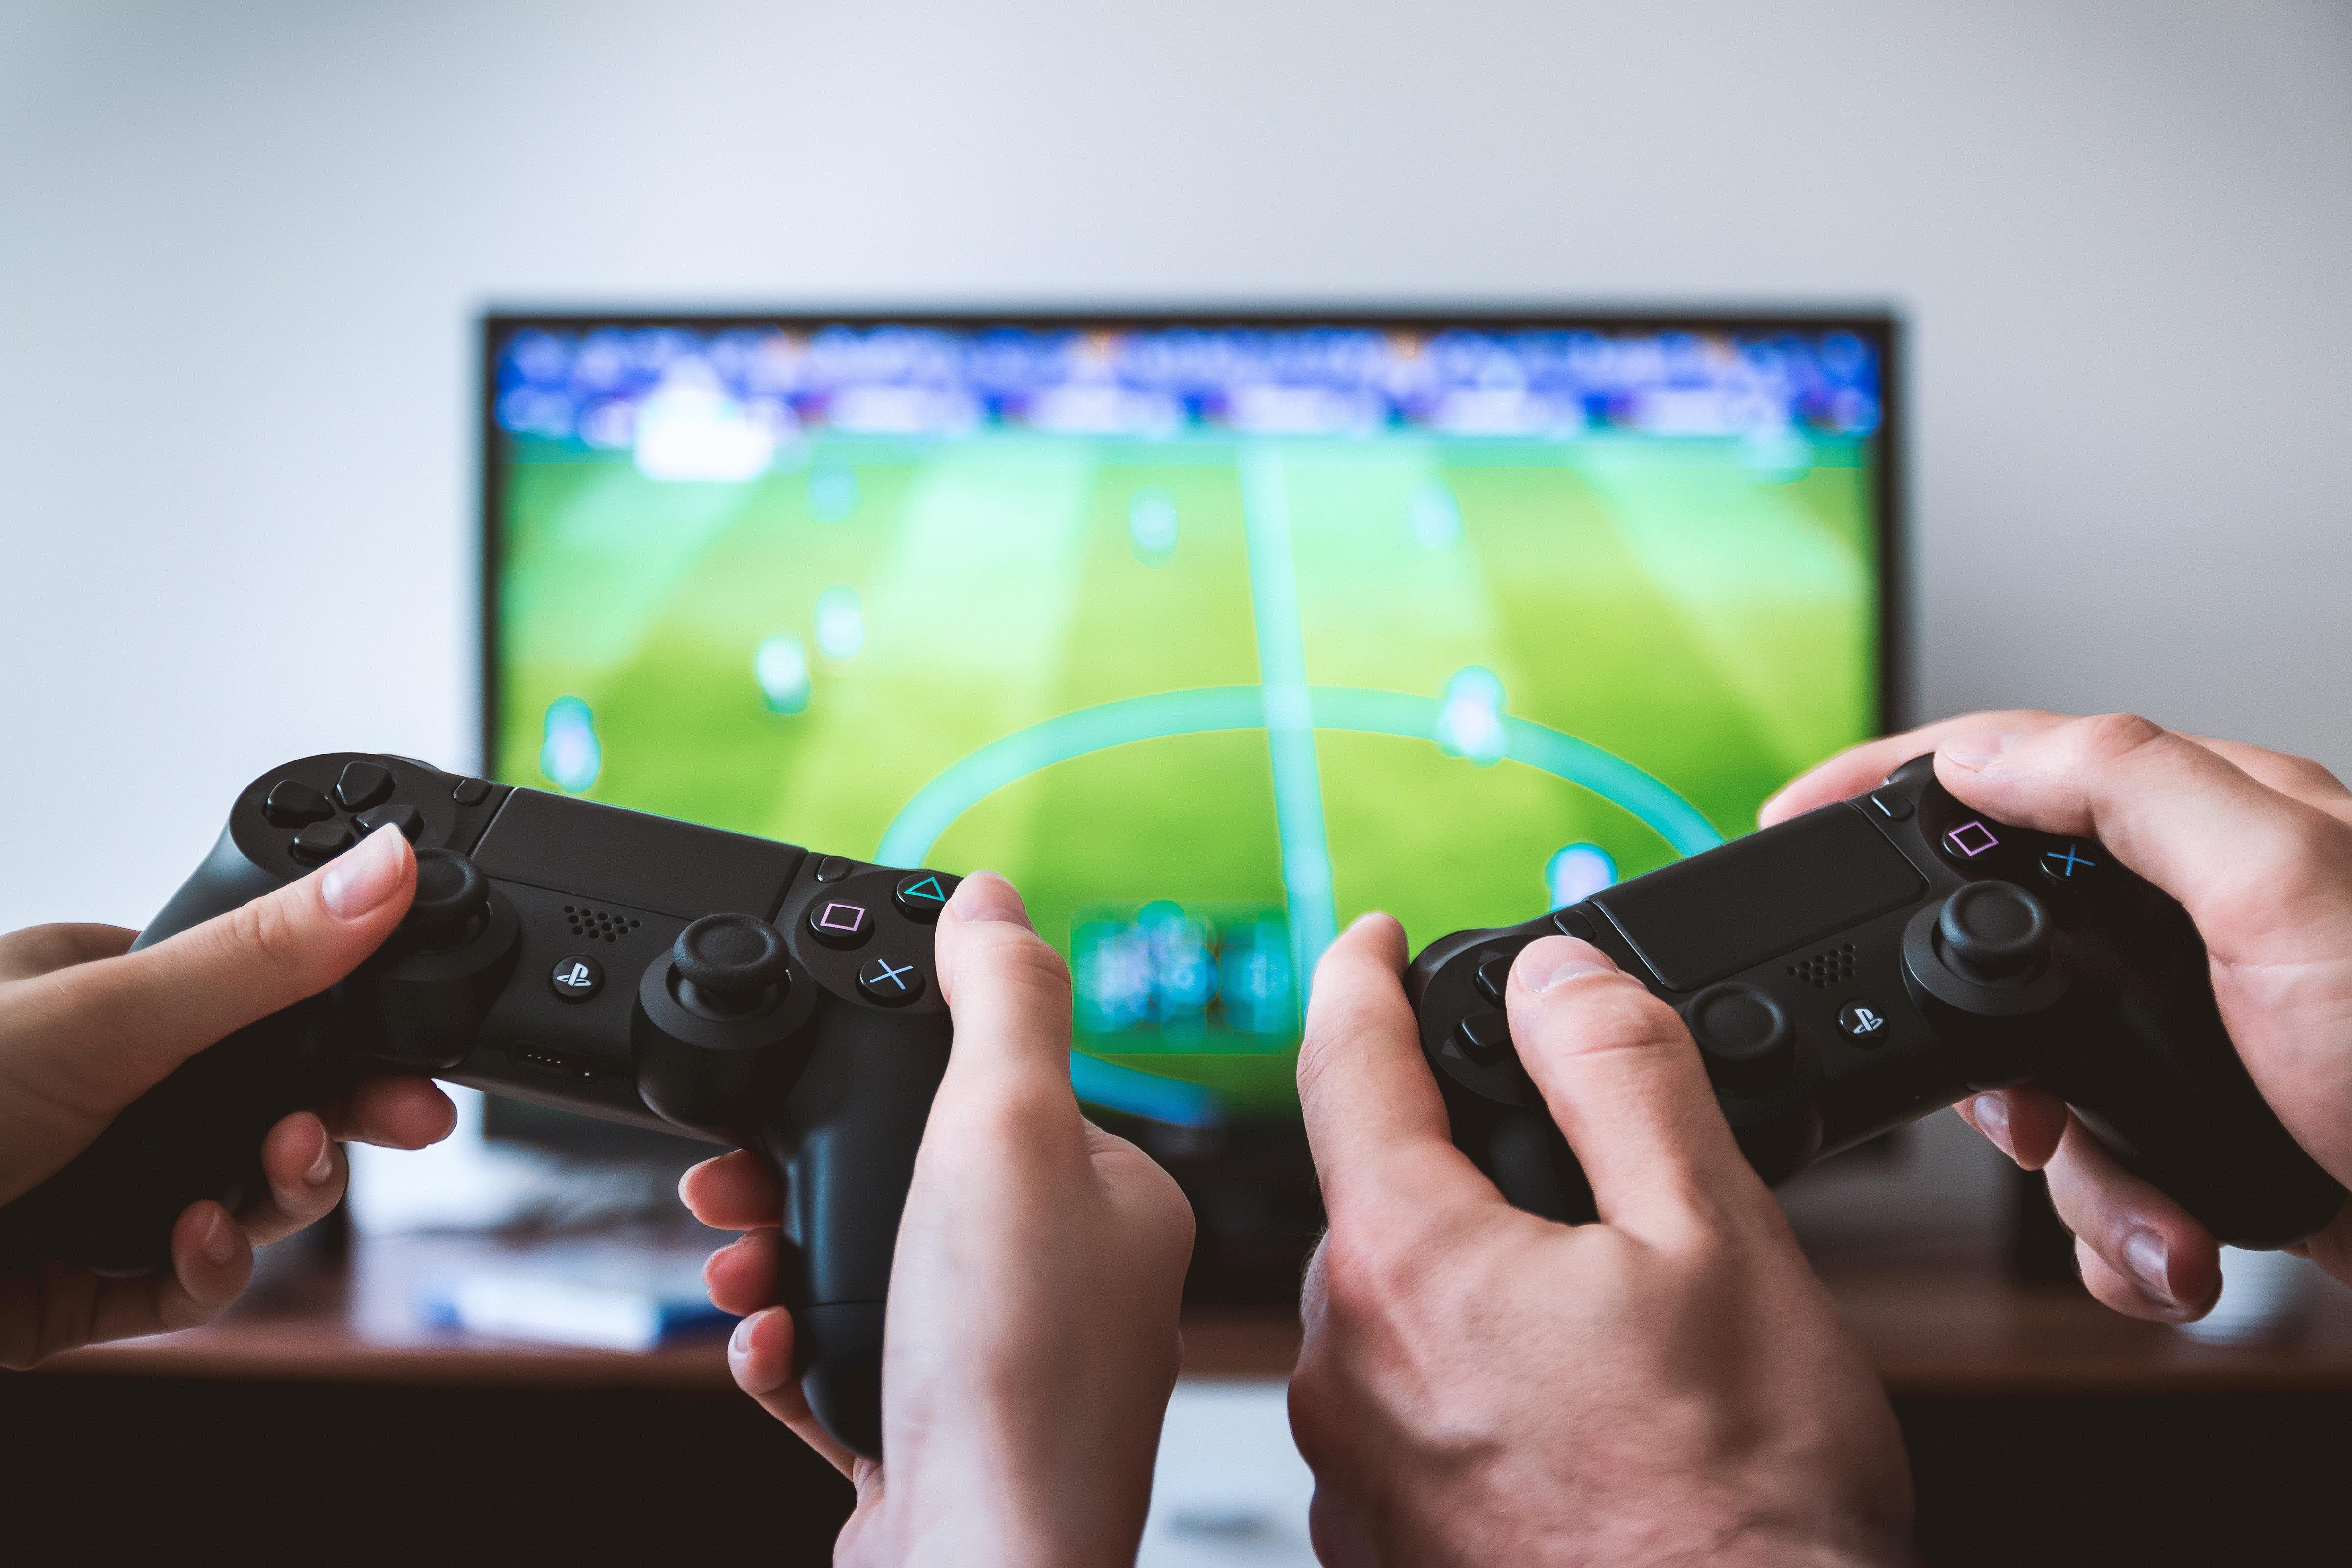 🔥 Soldes 2019 : les meilleurs bons plans jeux vidéo (Xbox One, PS4 et Switch)